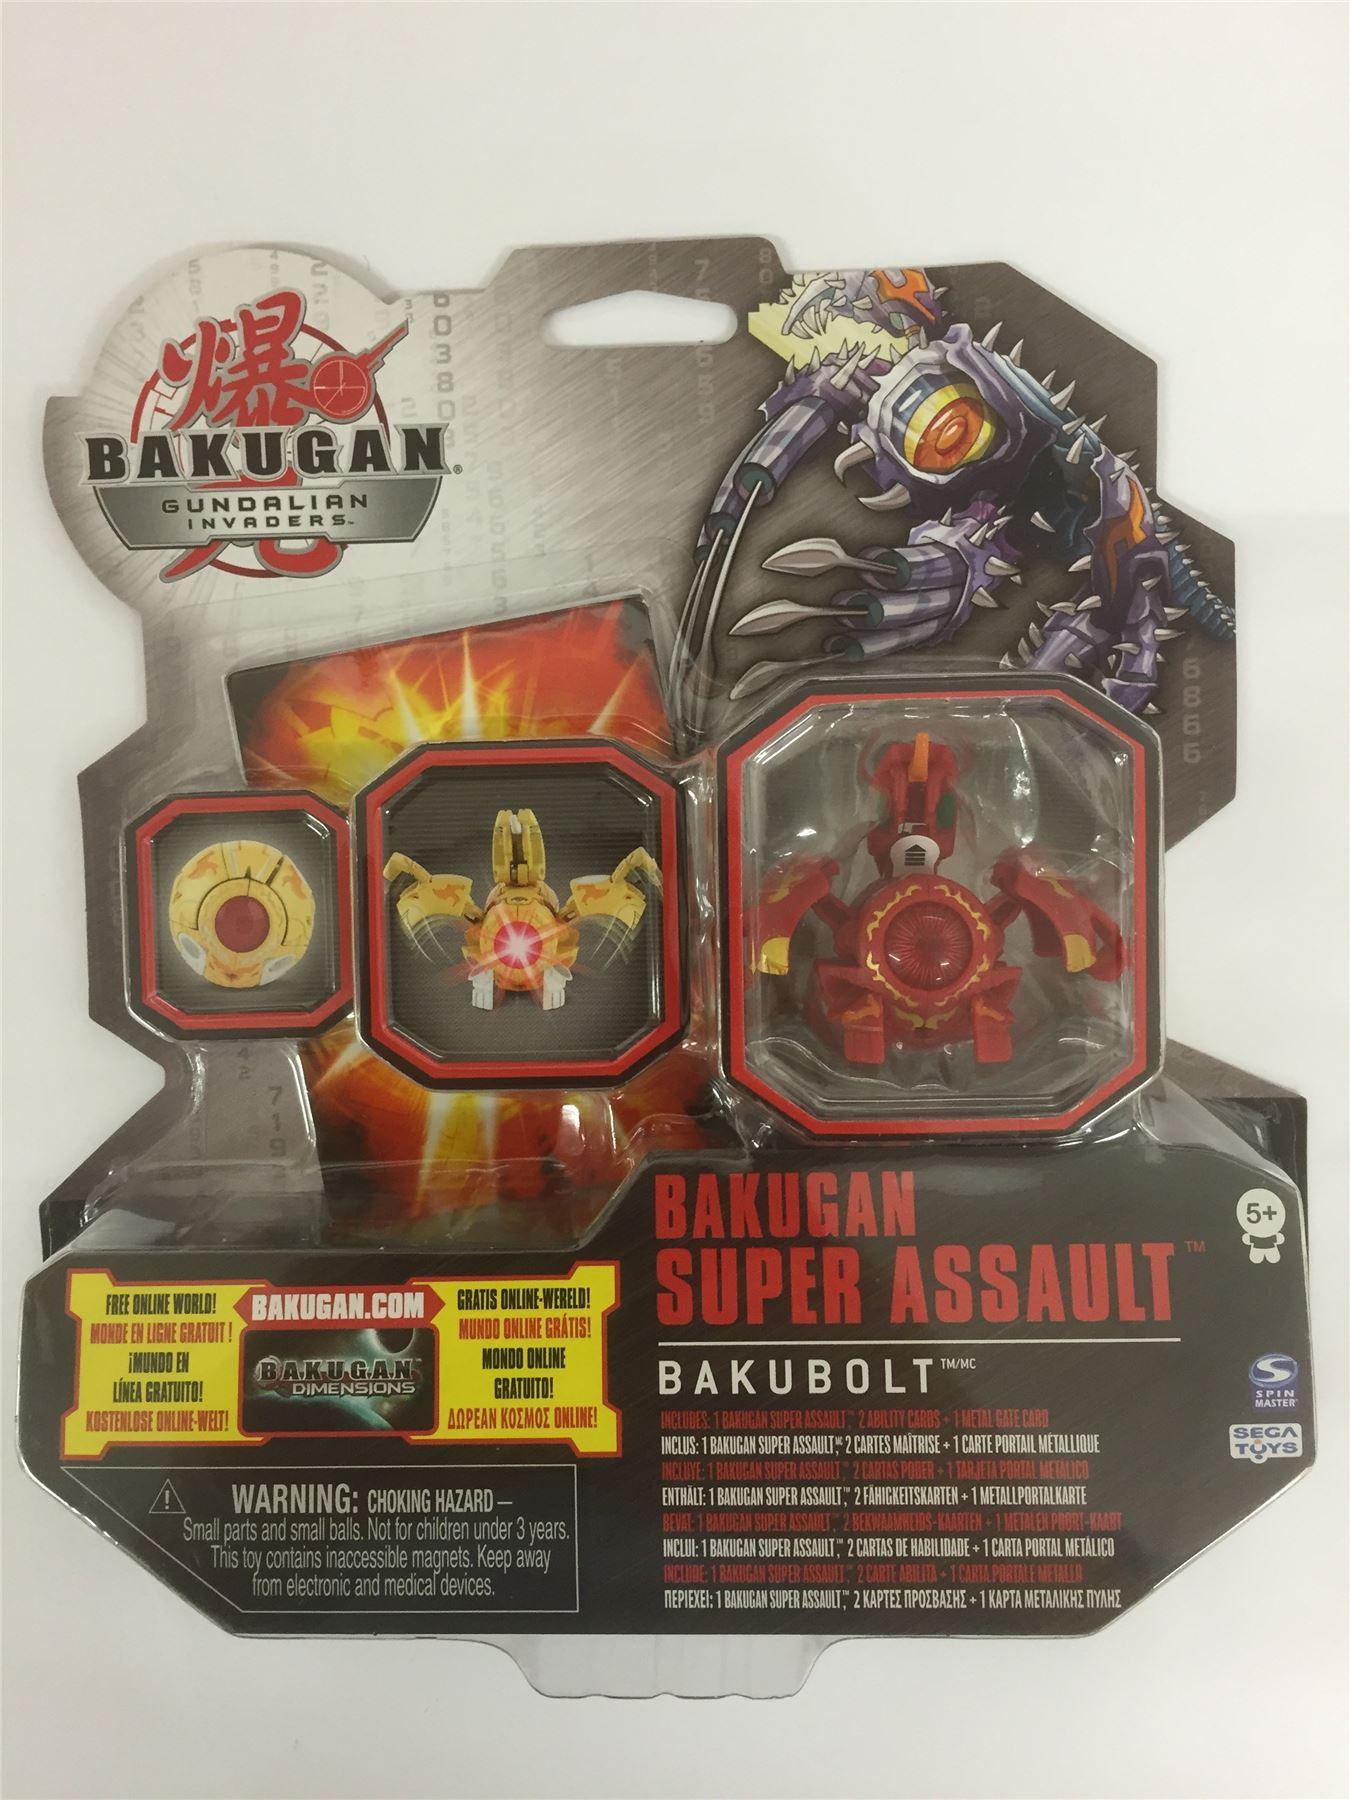 Bakugan Gundalian Invaders Super Assault BAKUCHANCE Rouge